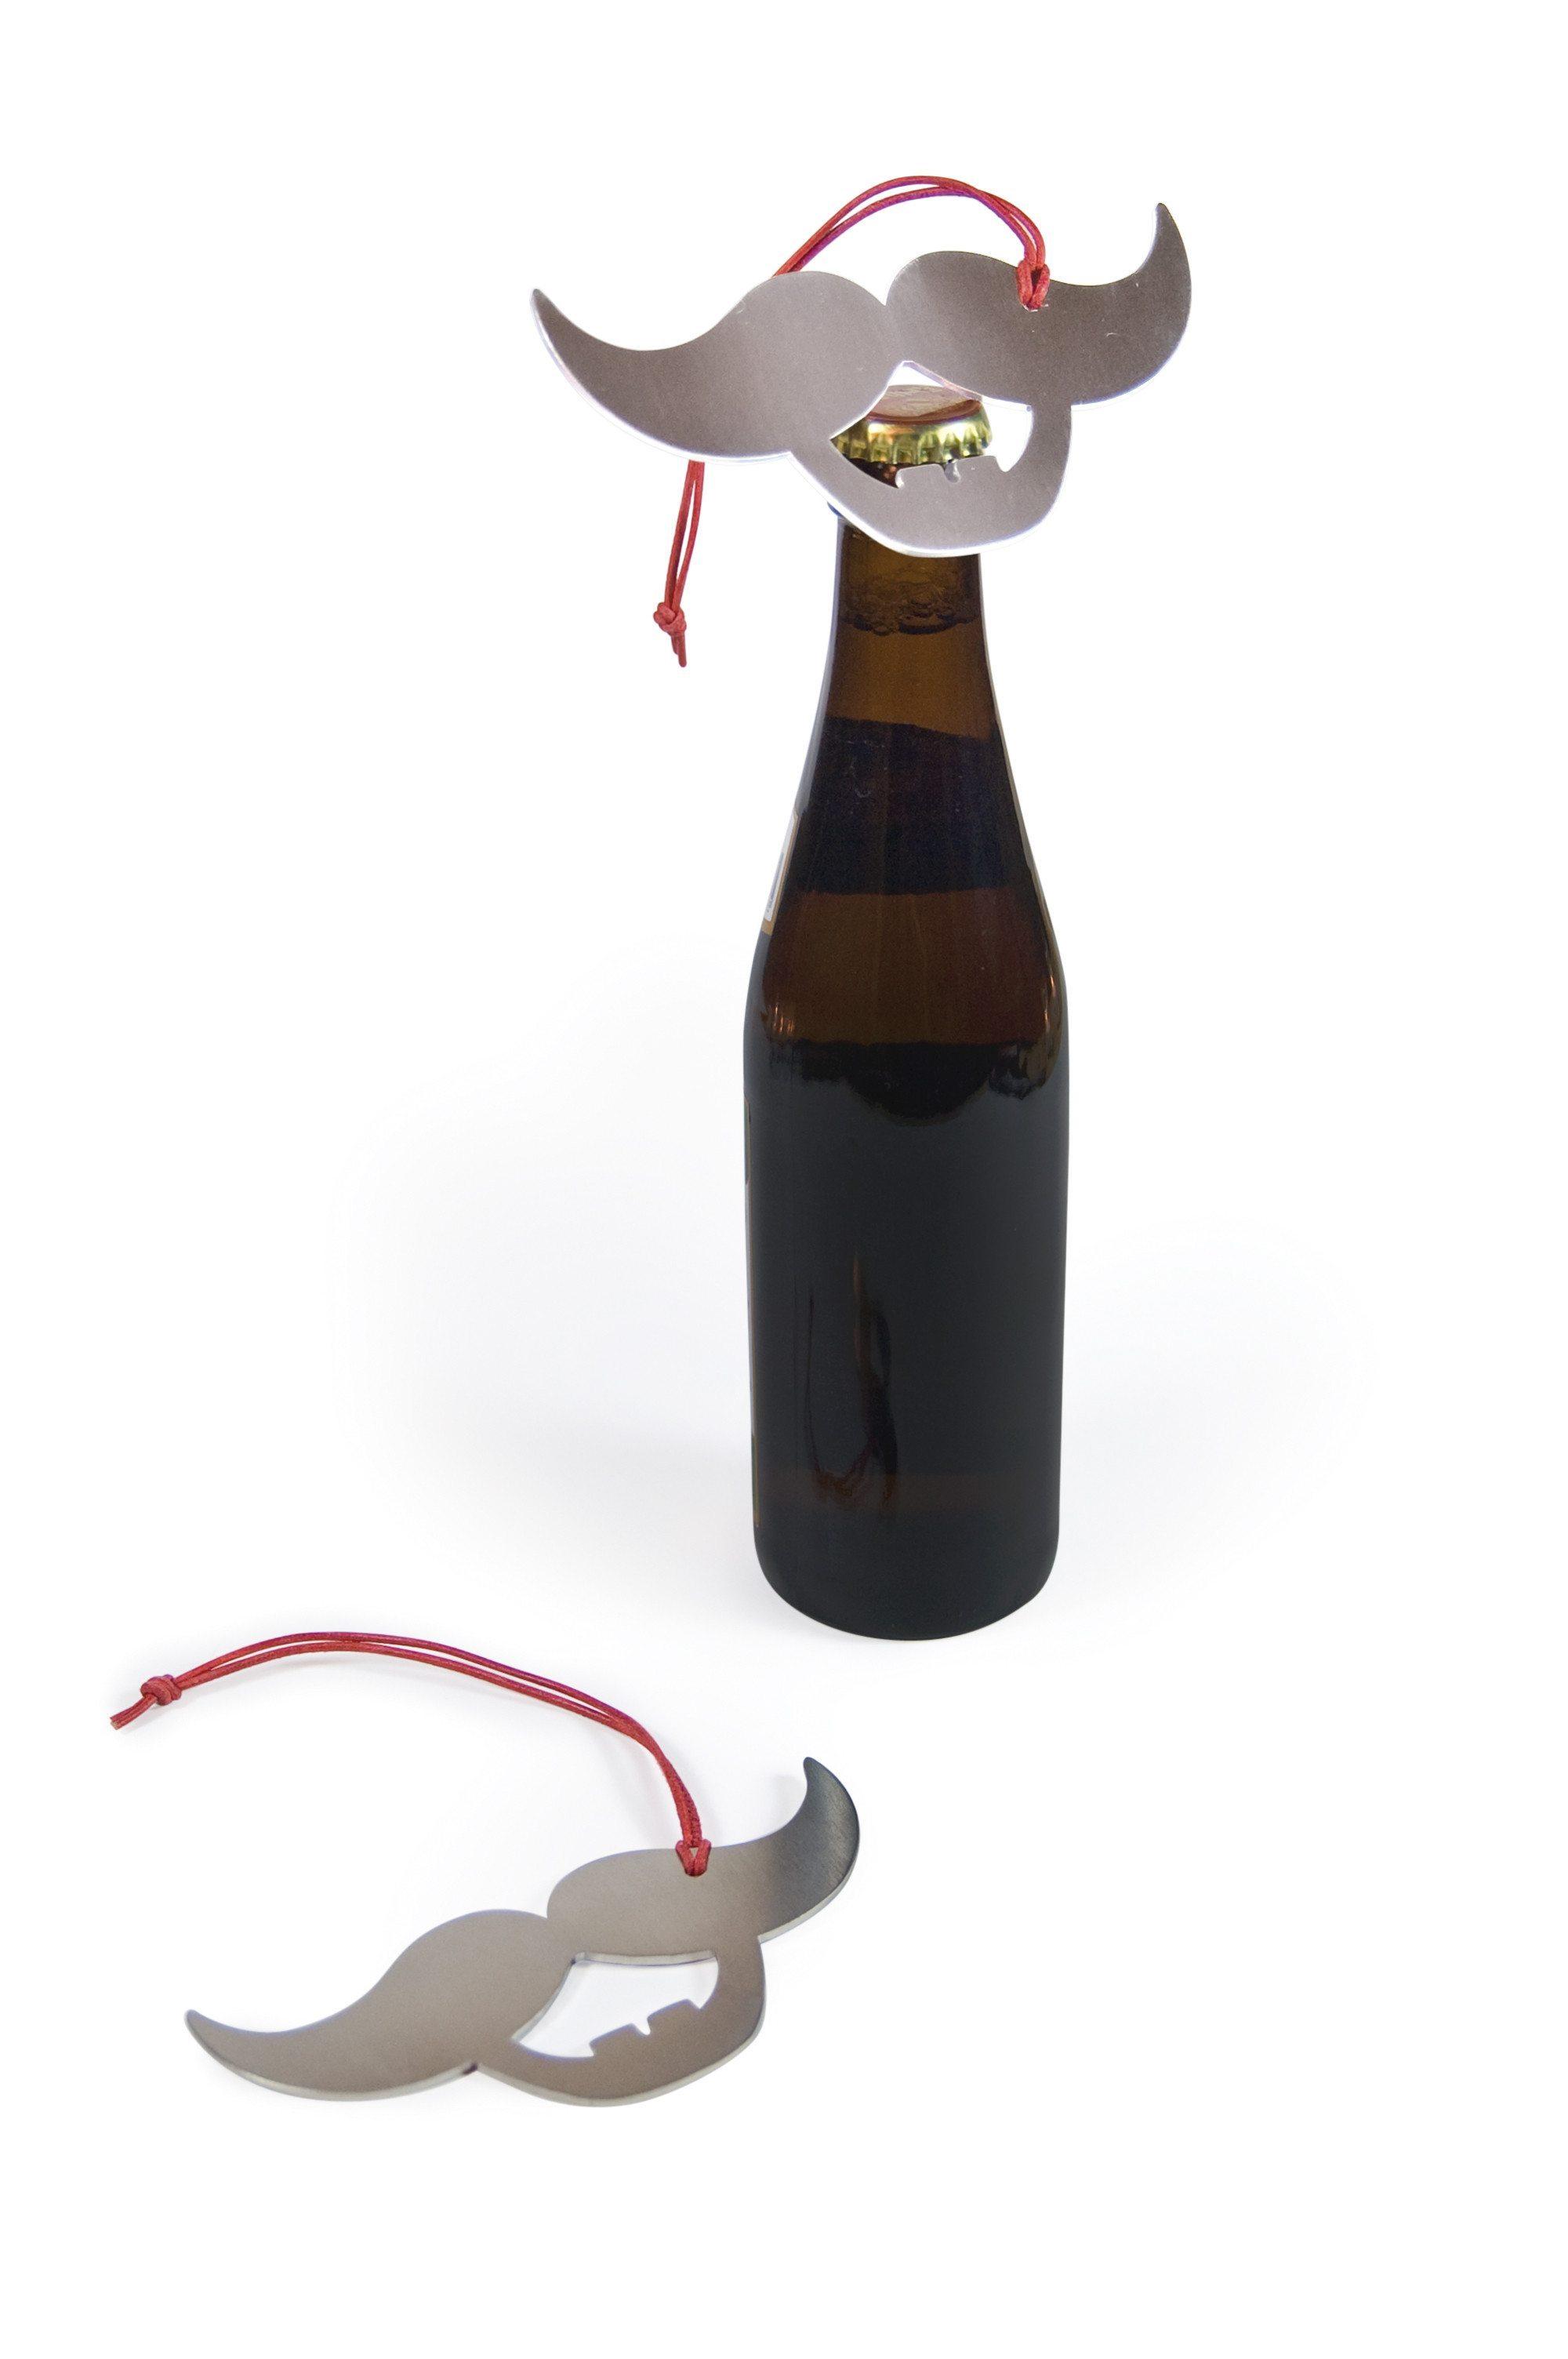 Bierbart- der witzige Bieröffner